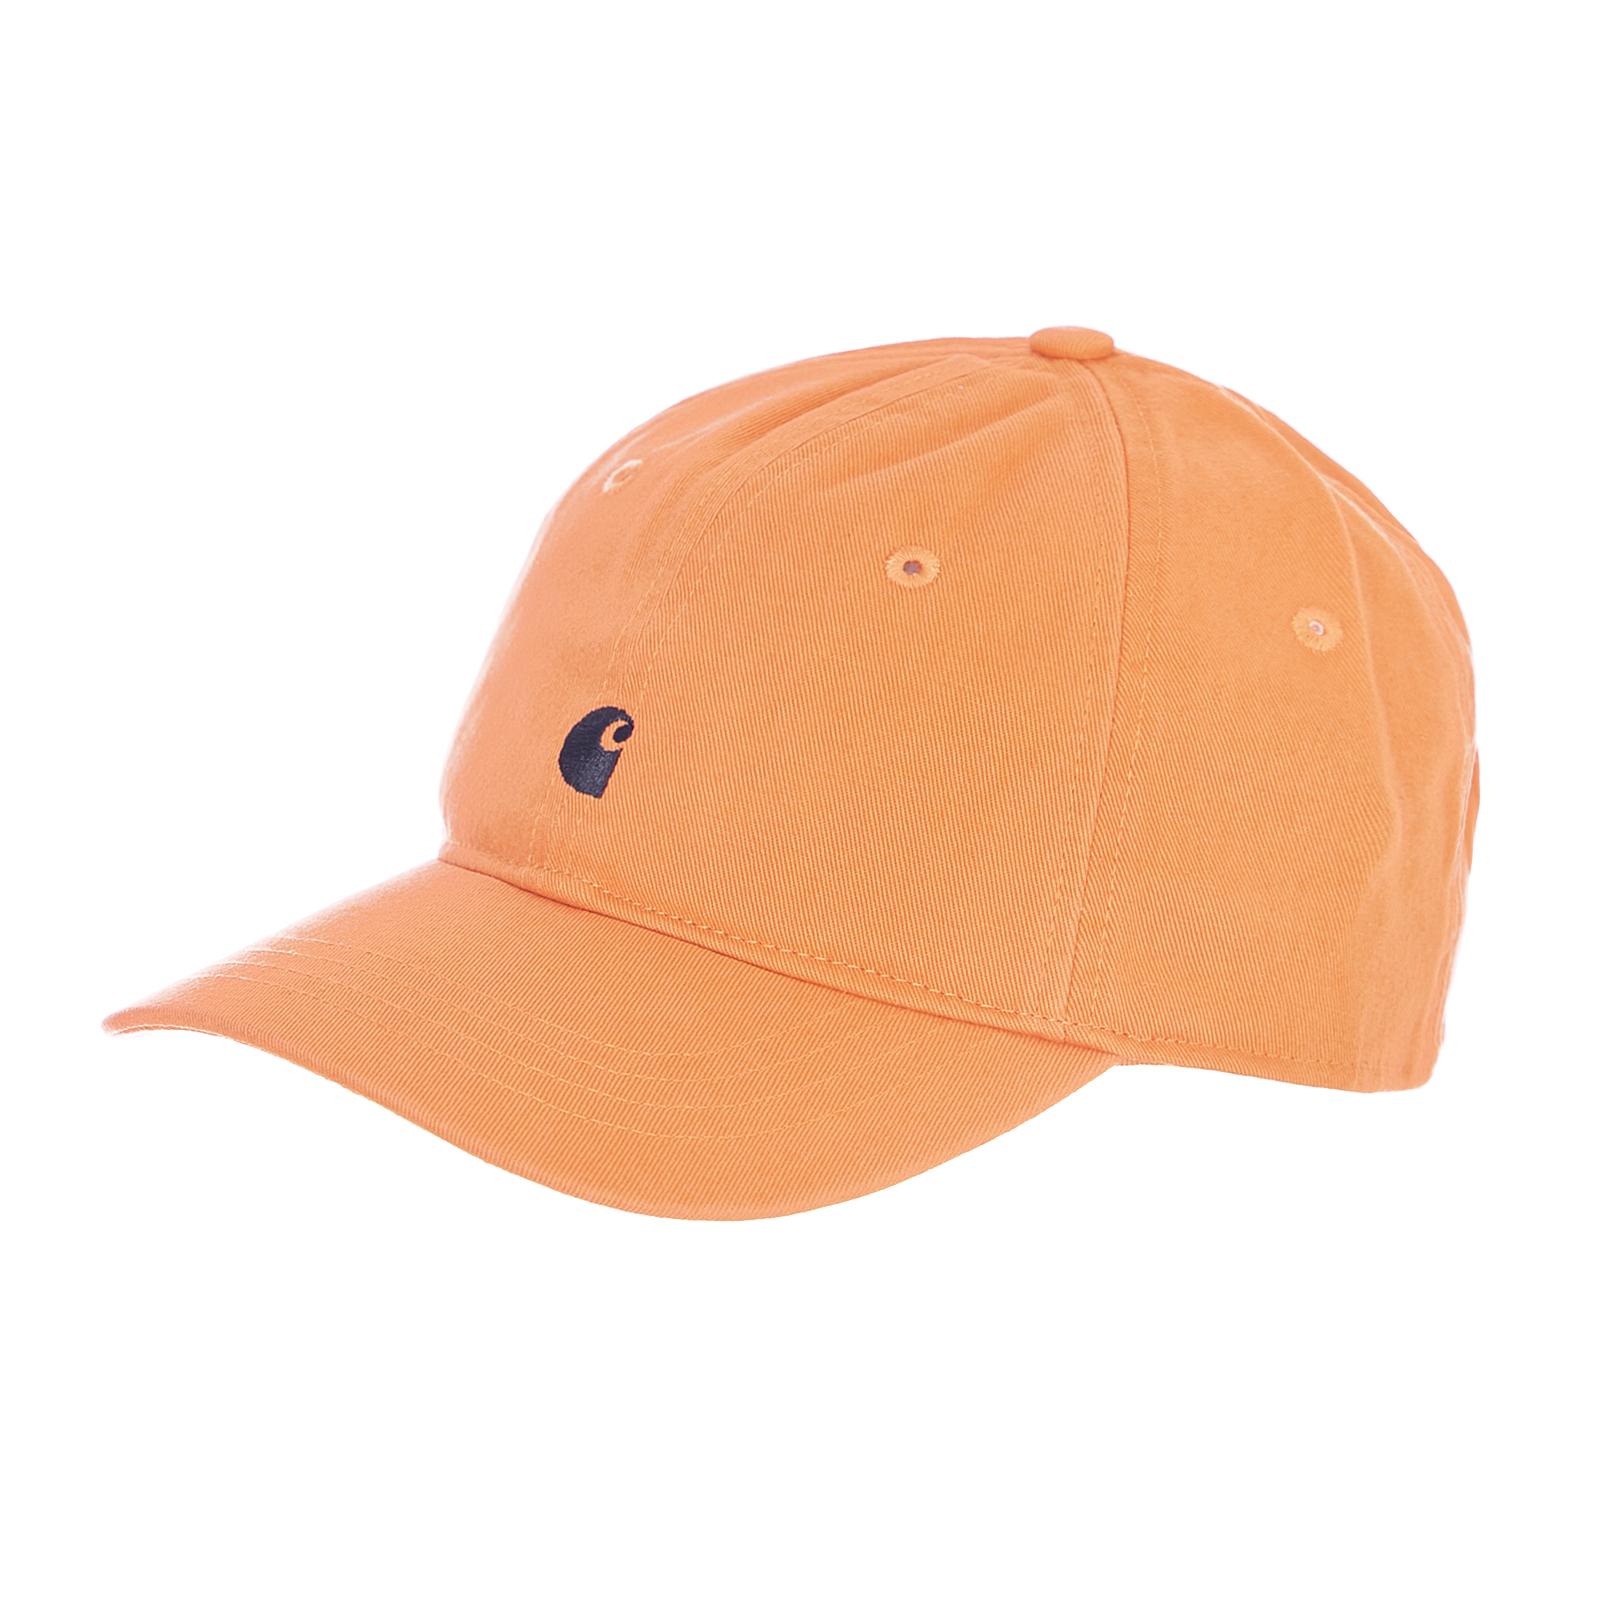 calzature negozio outlet prezzo ragionevole Carhartt Cappelli Madison Logo Cap Jaffa / Black Arancione | eBay